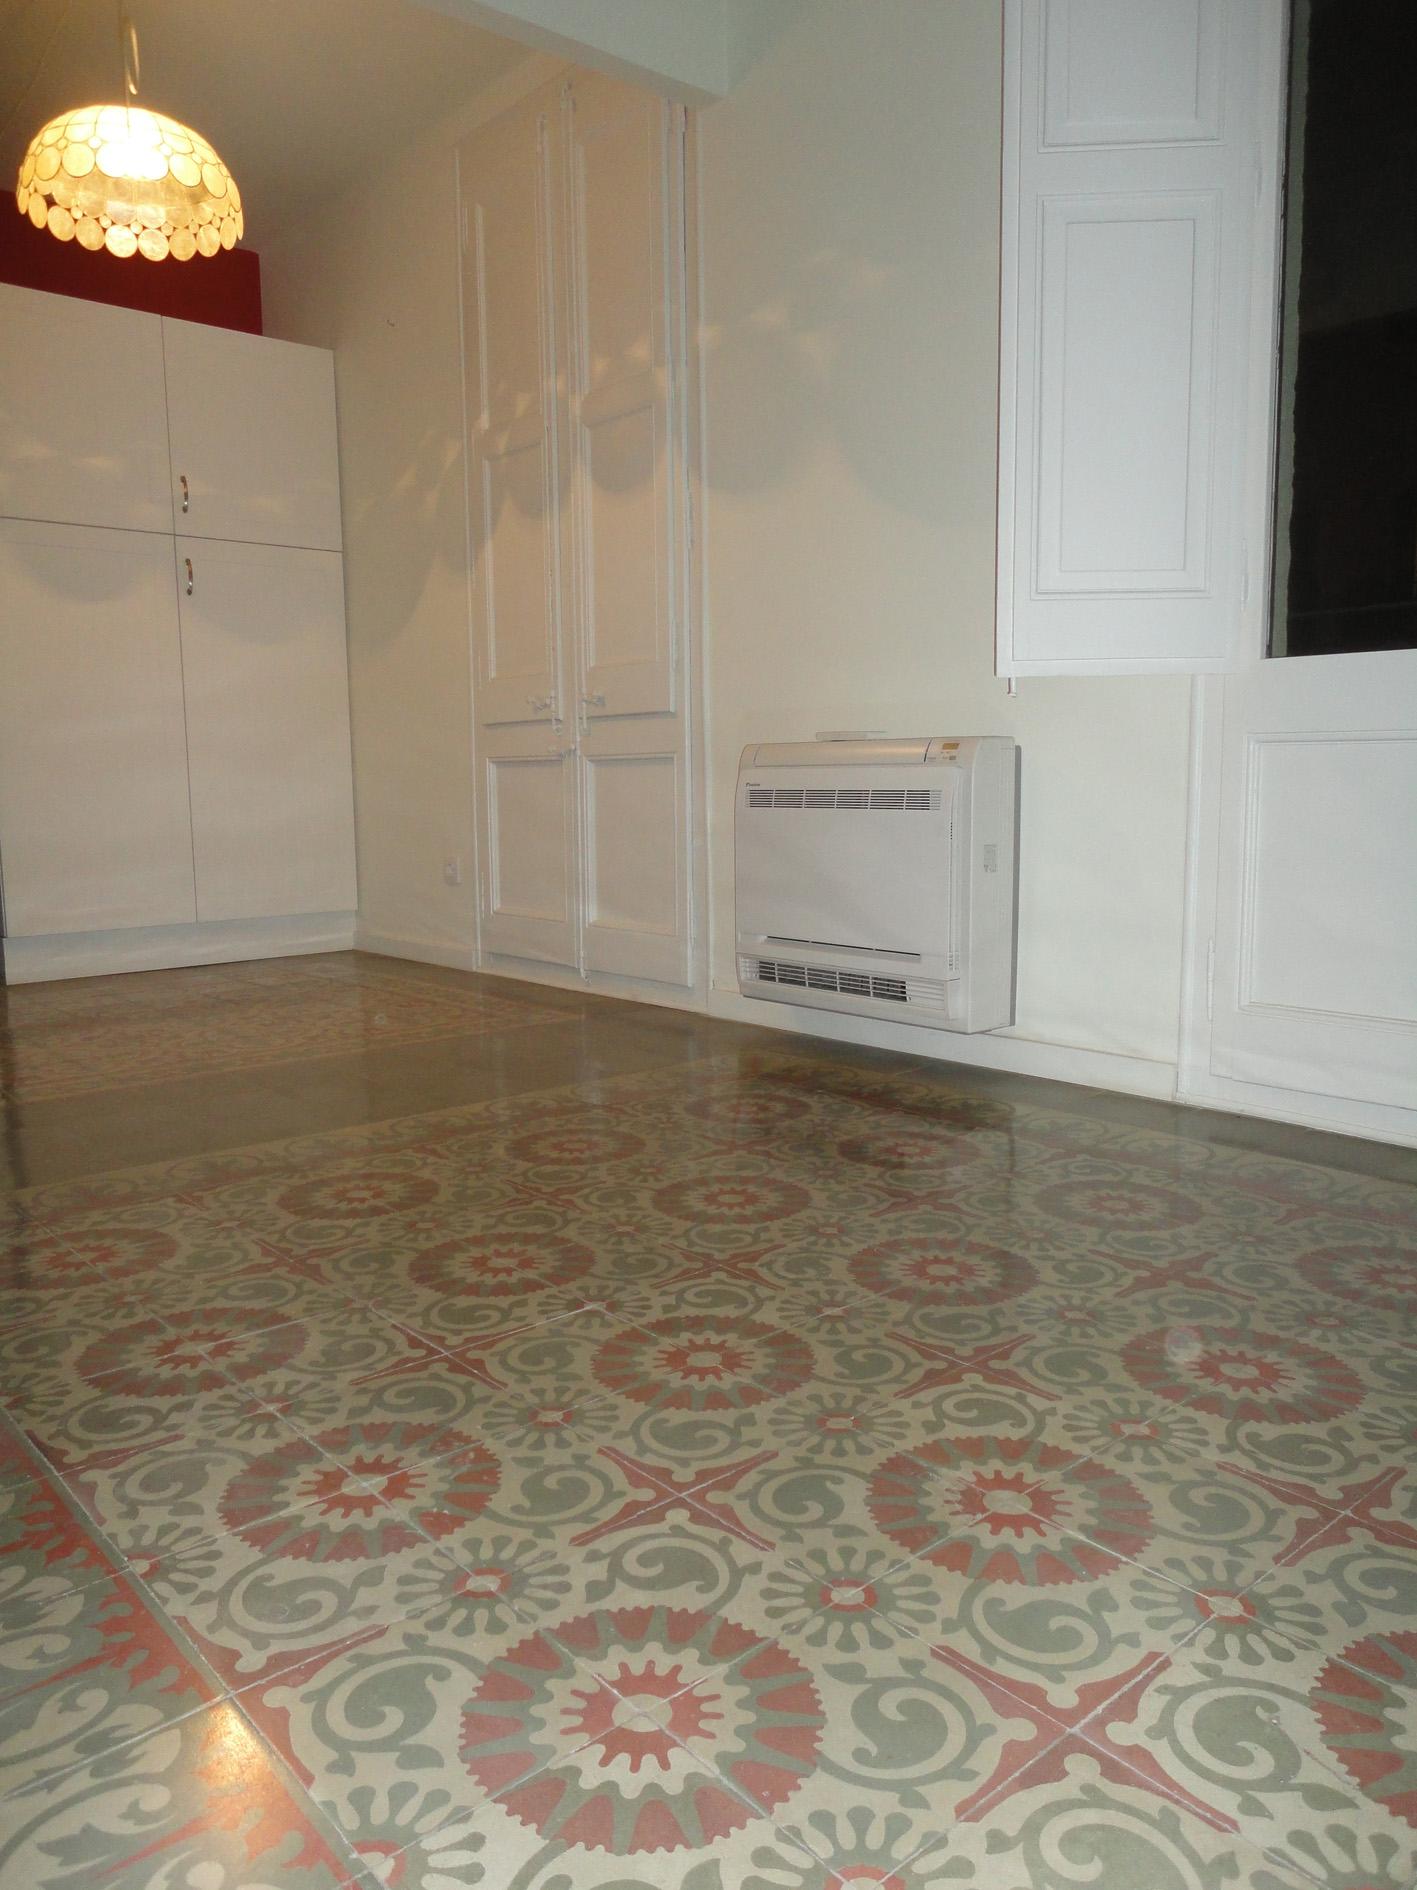 Reforma integral de vivienda con mosaico hidr ulico en - Reforma integral piso antiguo ...